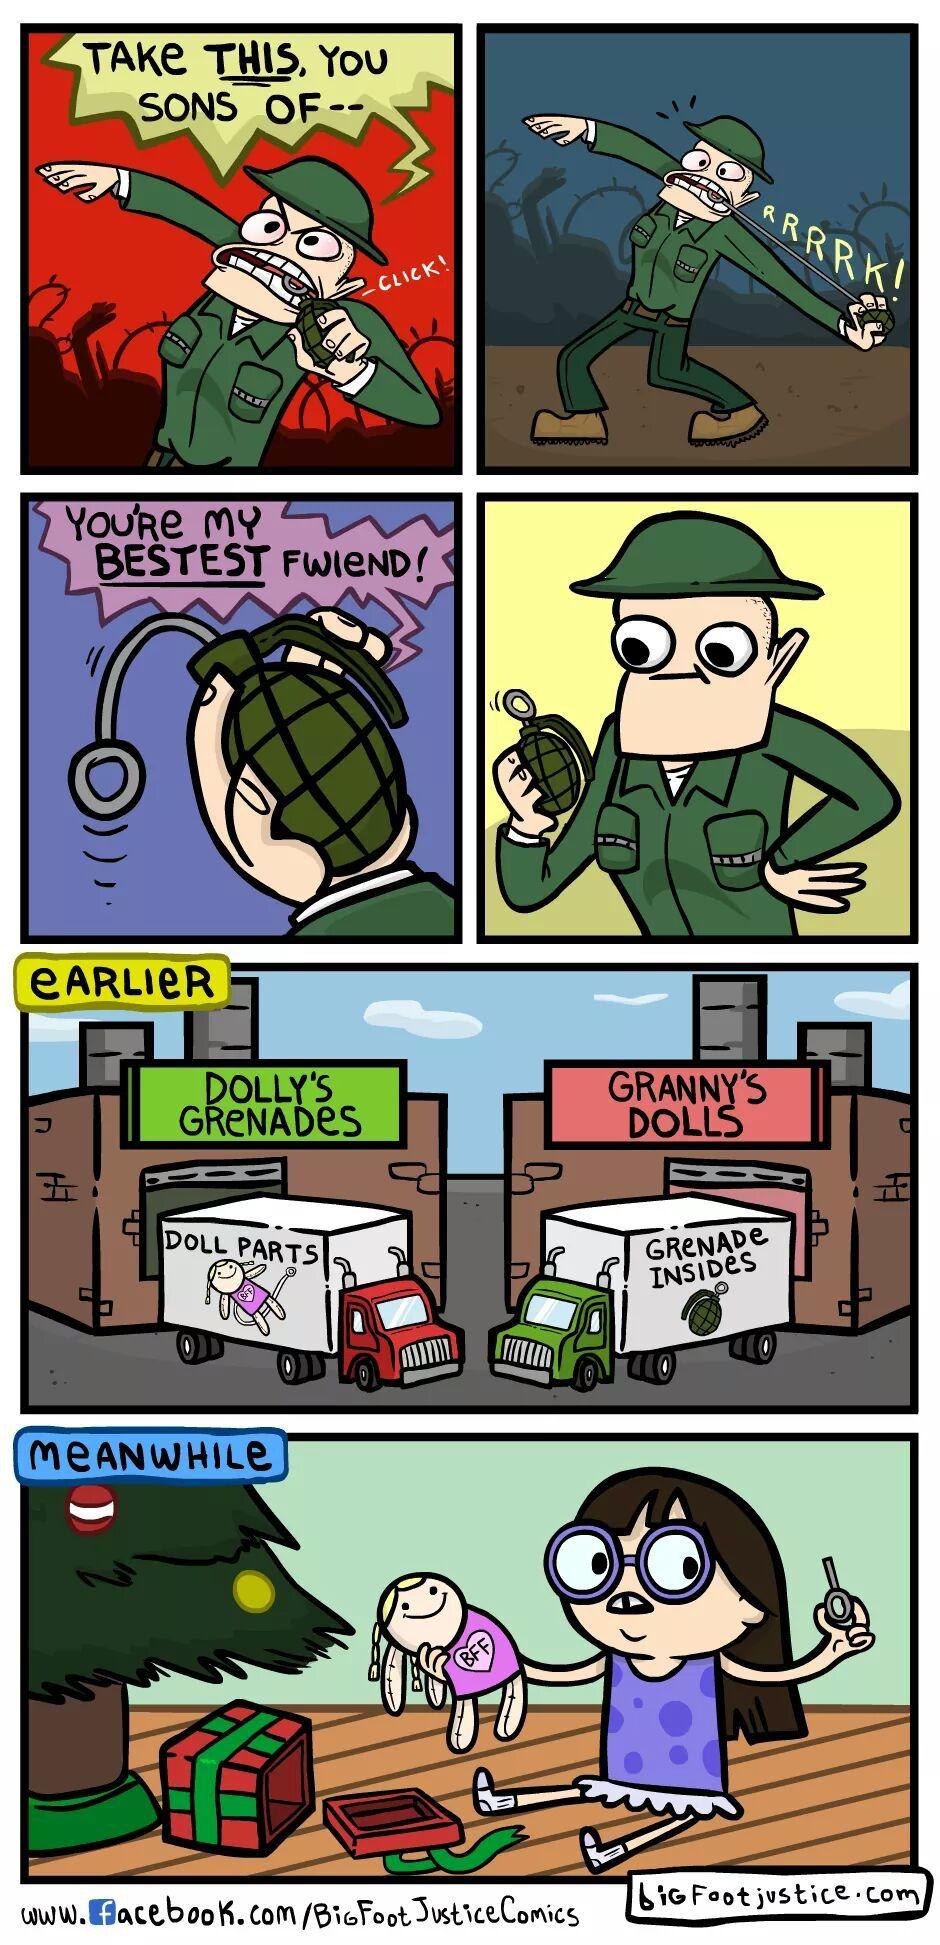 Grenade insides - meme